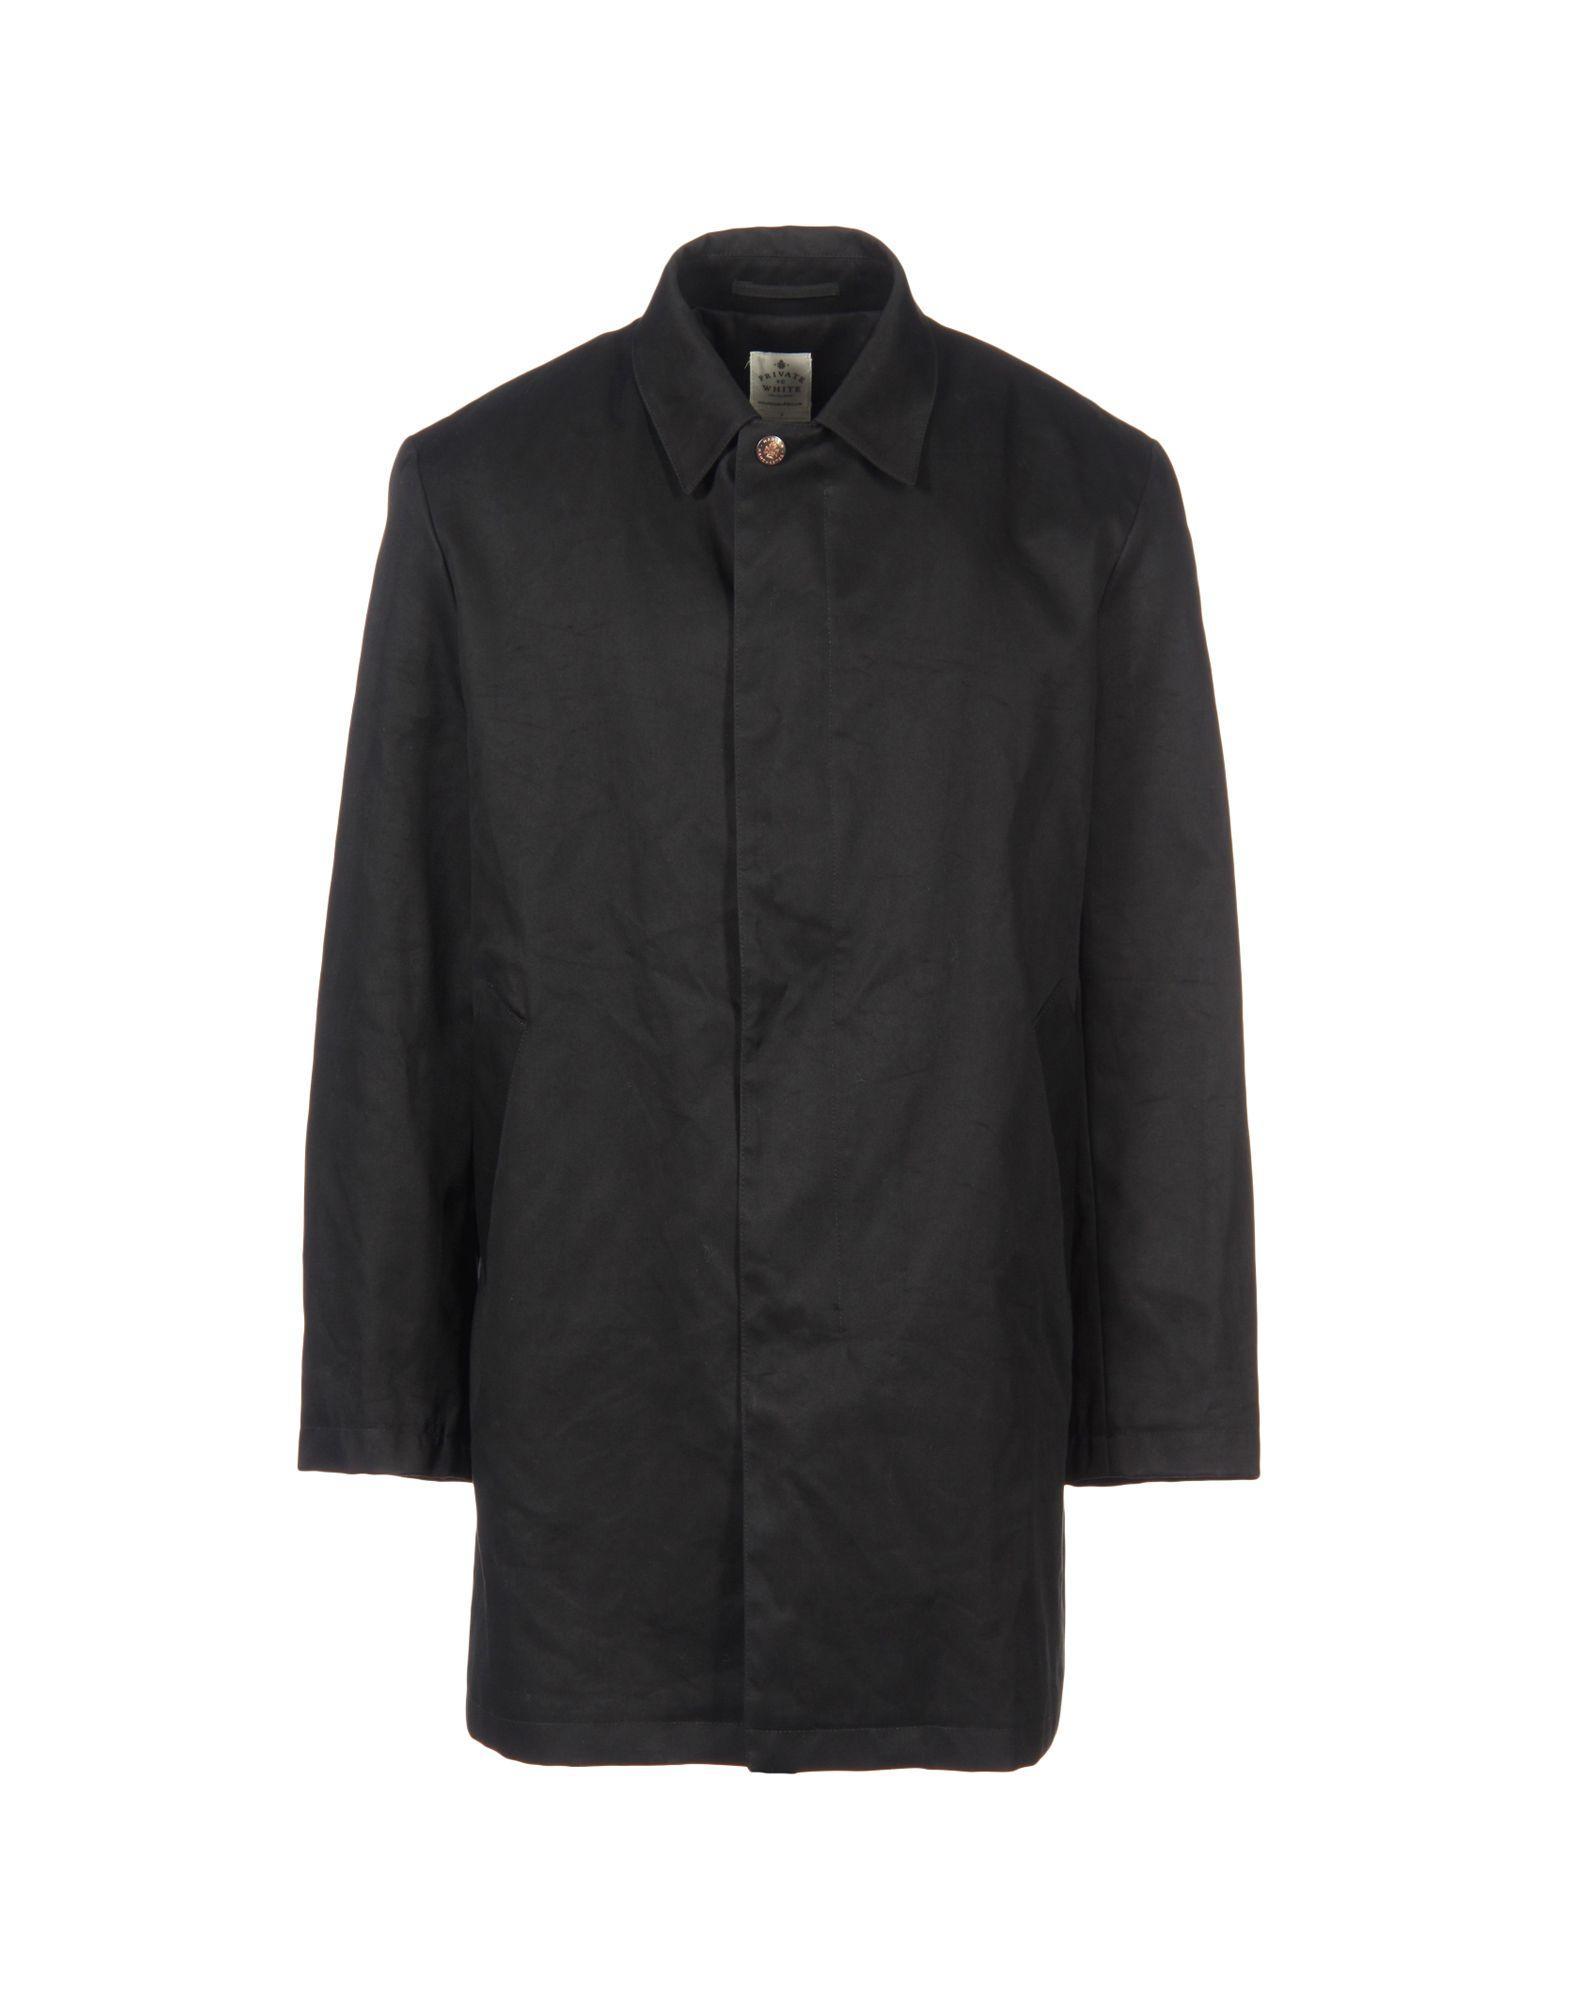 Private White V.c. Coats In Black